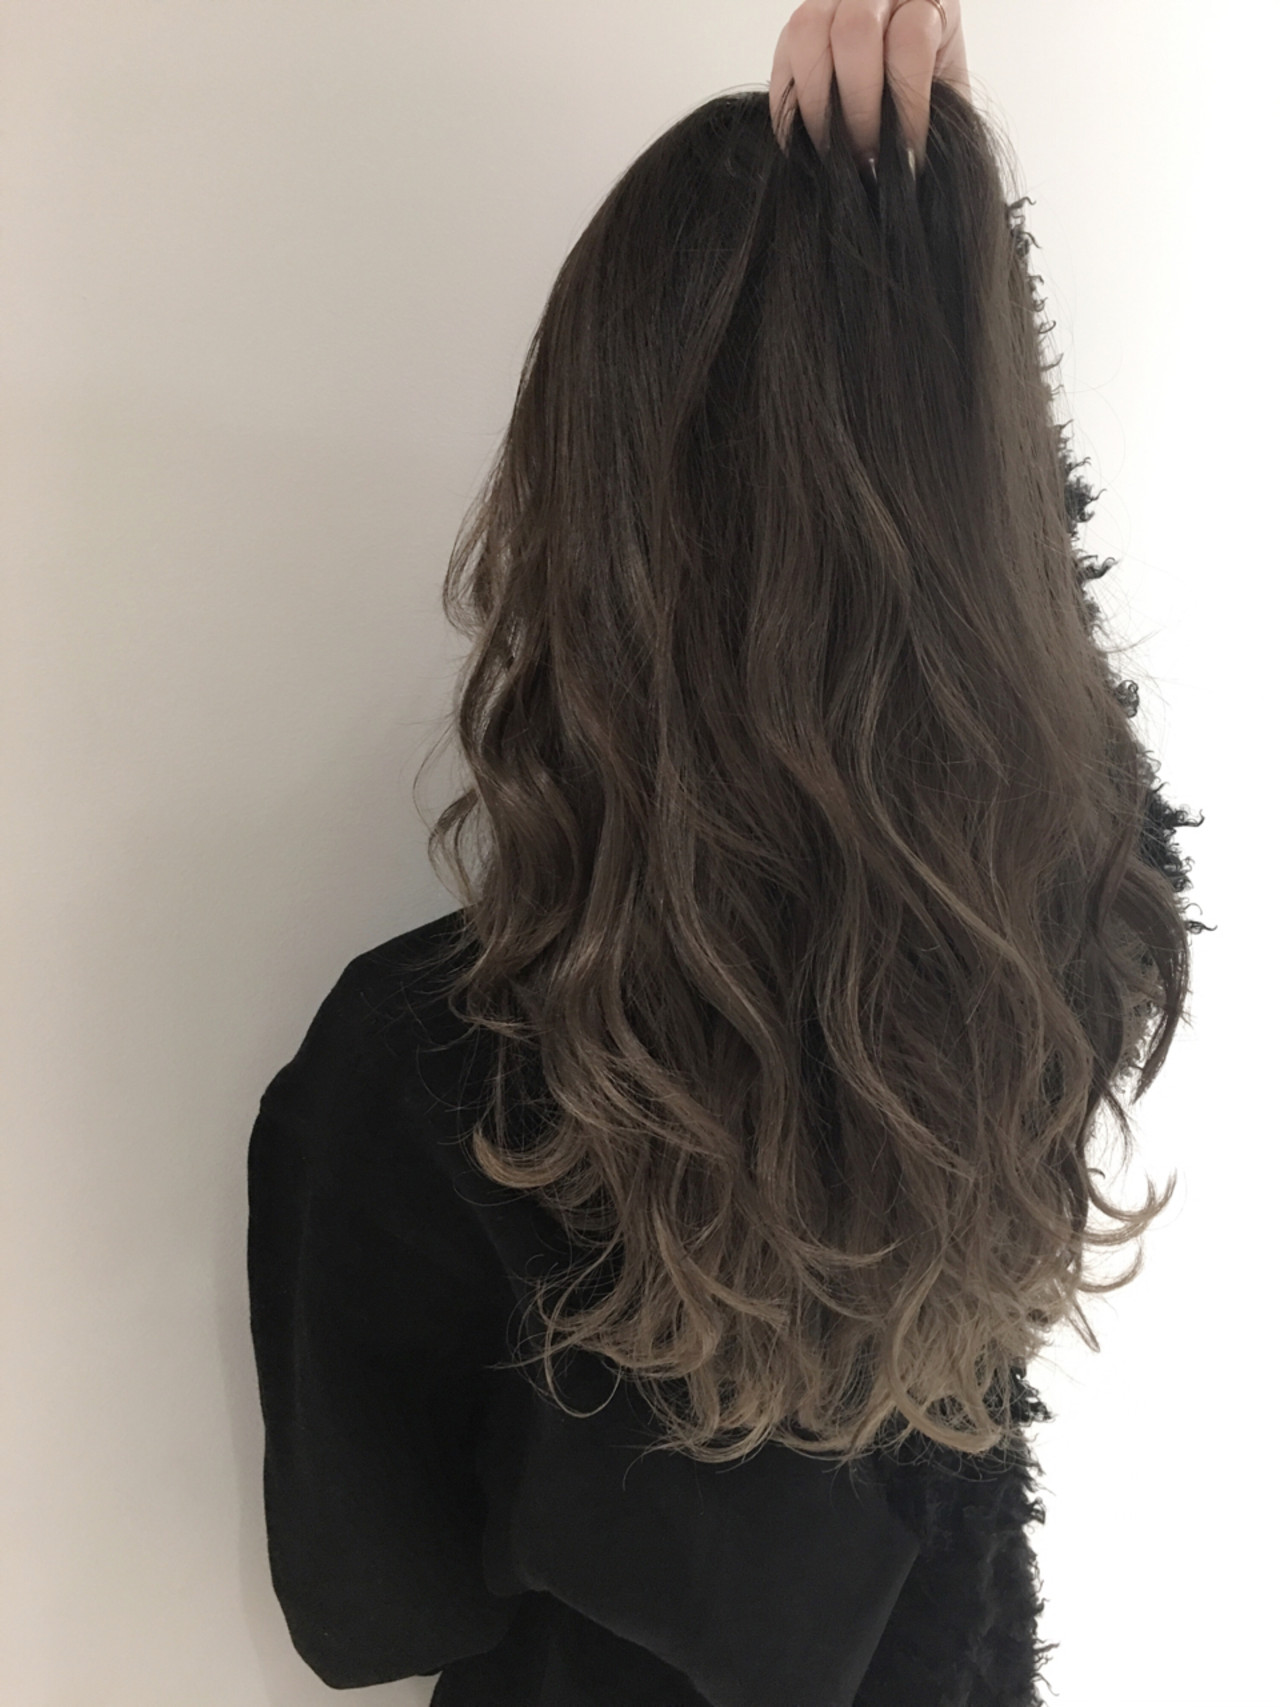 ロング 外国人風 グラデーションカラー アッシュヘアスタイルや髪型の写真・画像